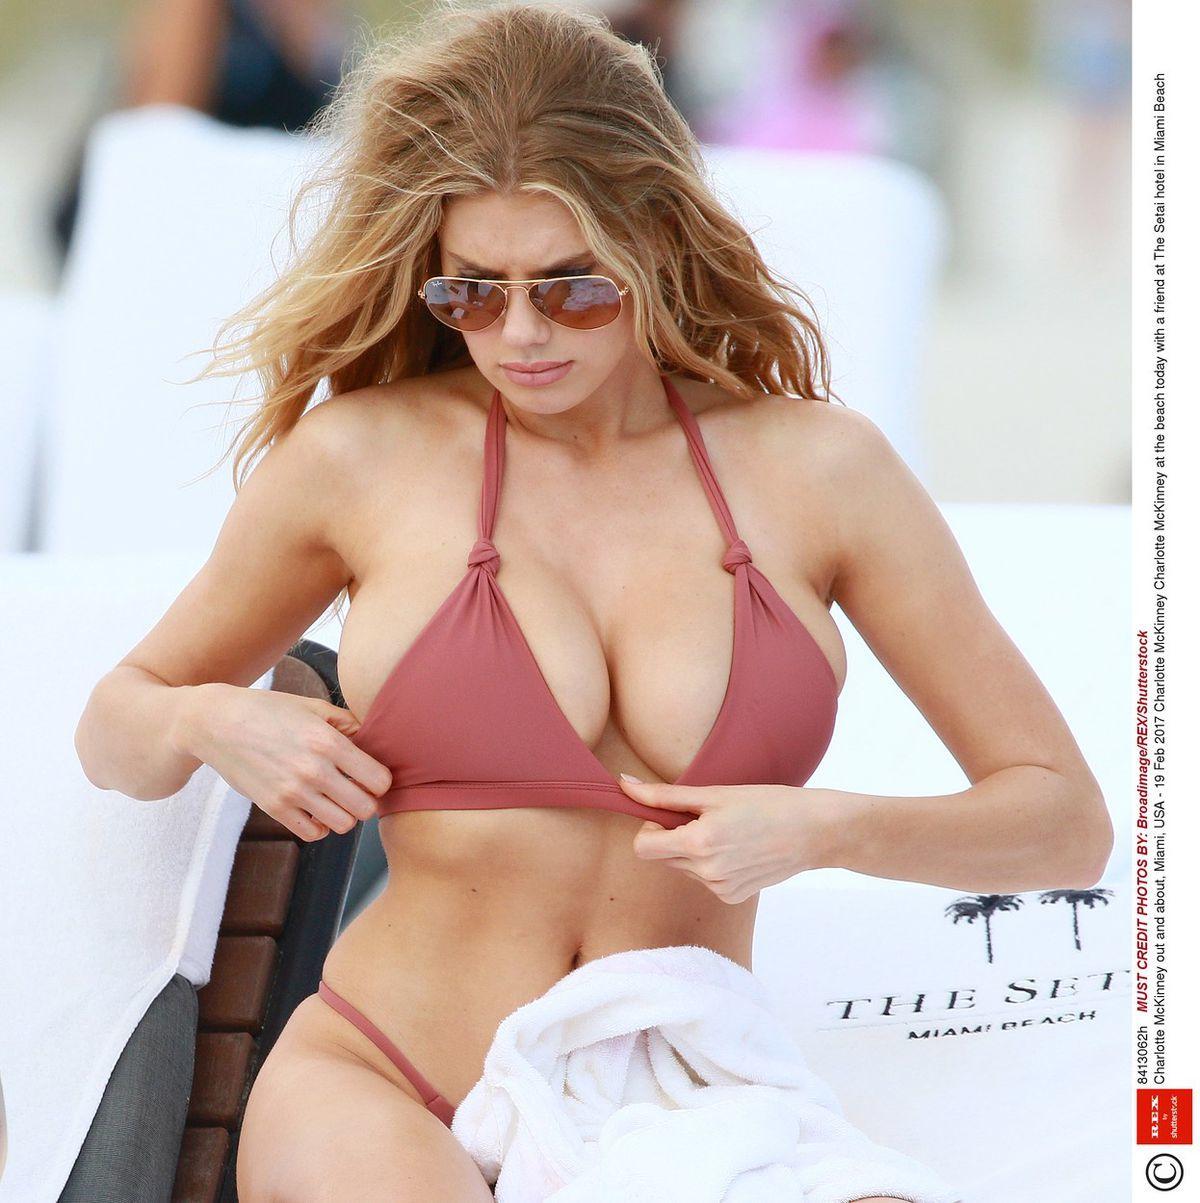 Modelka a herečka Charlotte McKinney počas víkendového oddychu v Miami.